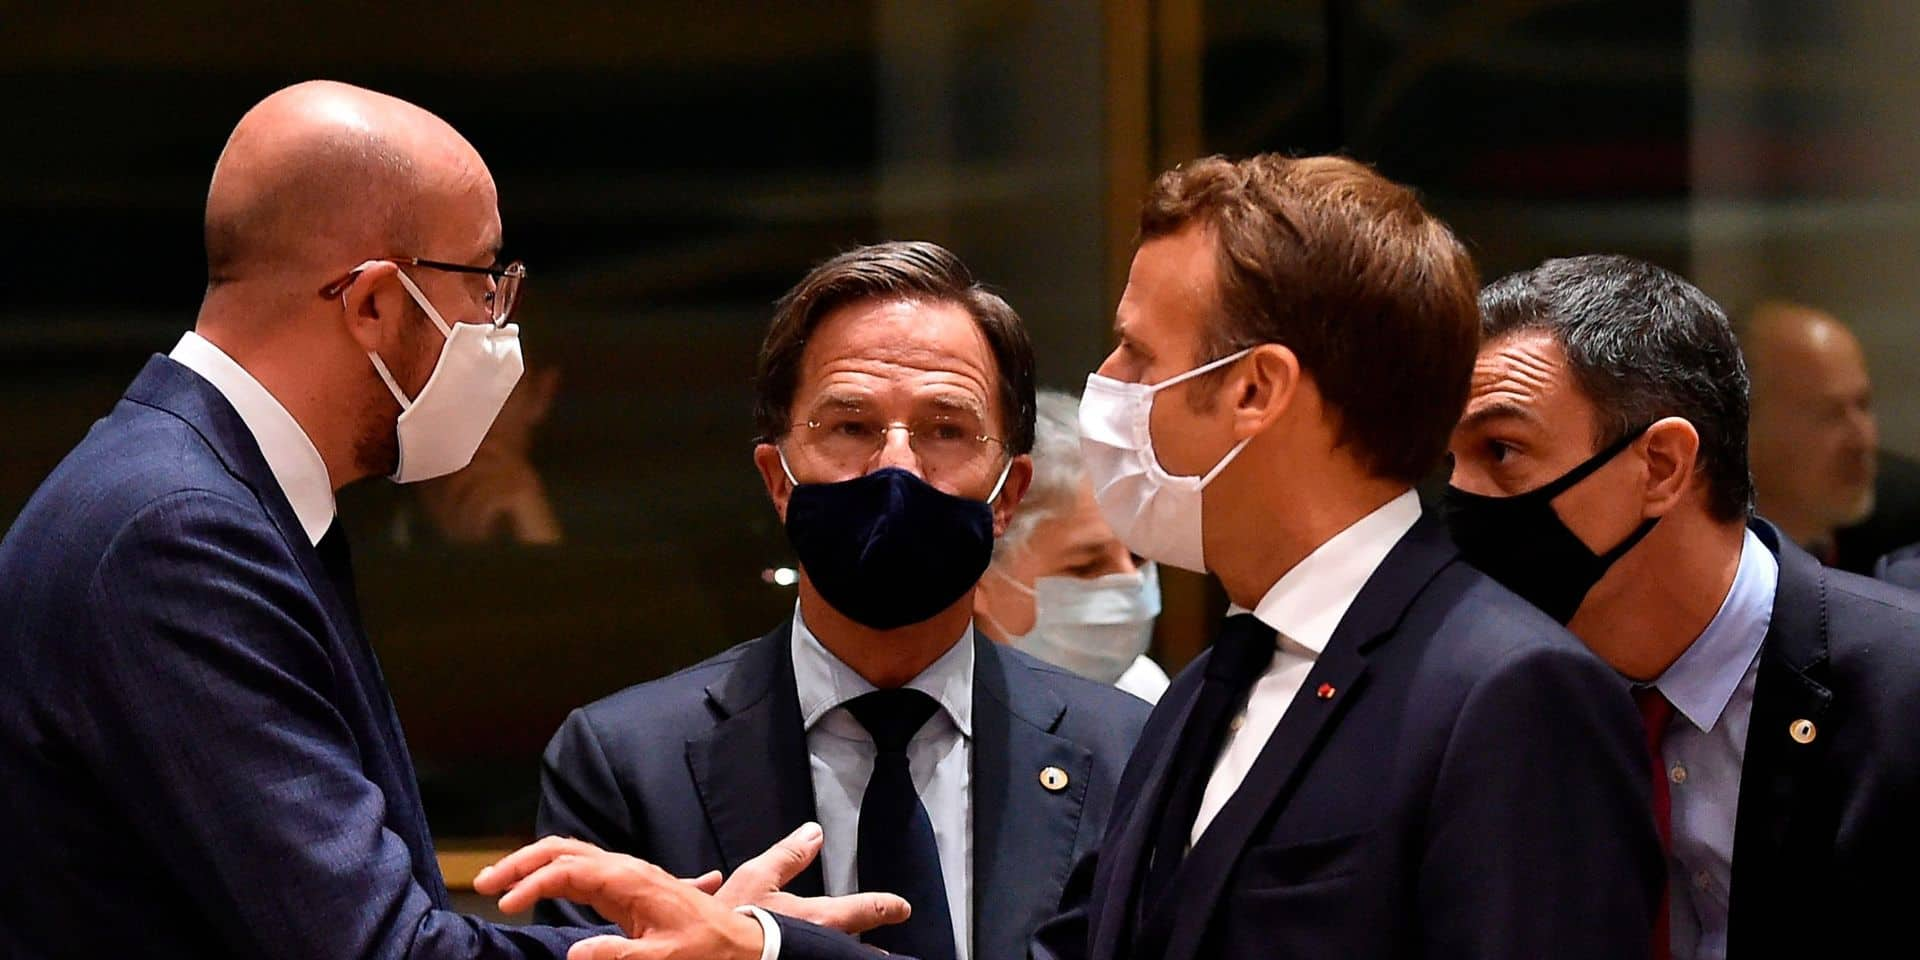 Au quatrième soir du sommet européen, la négociation du budget et du plan de relance repart sur des bases qui répondent aux exigences des frugaux